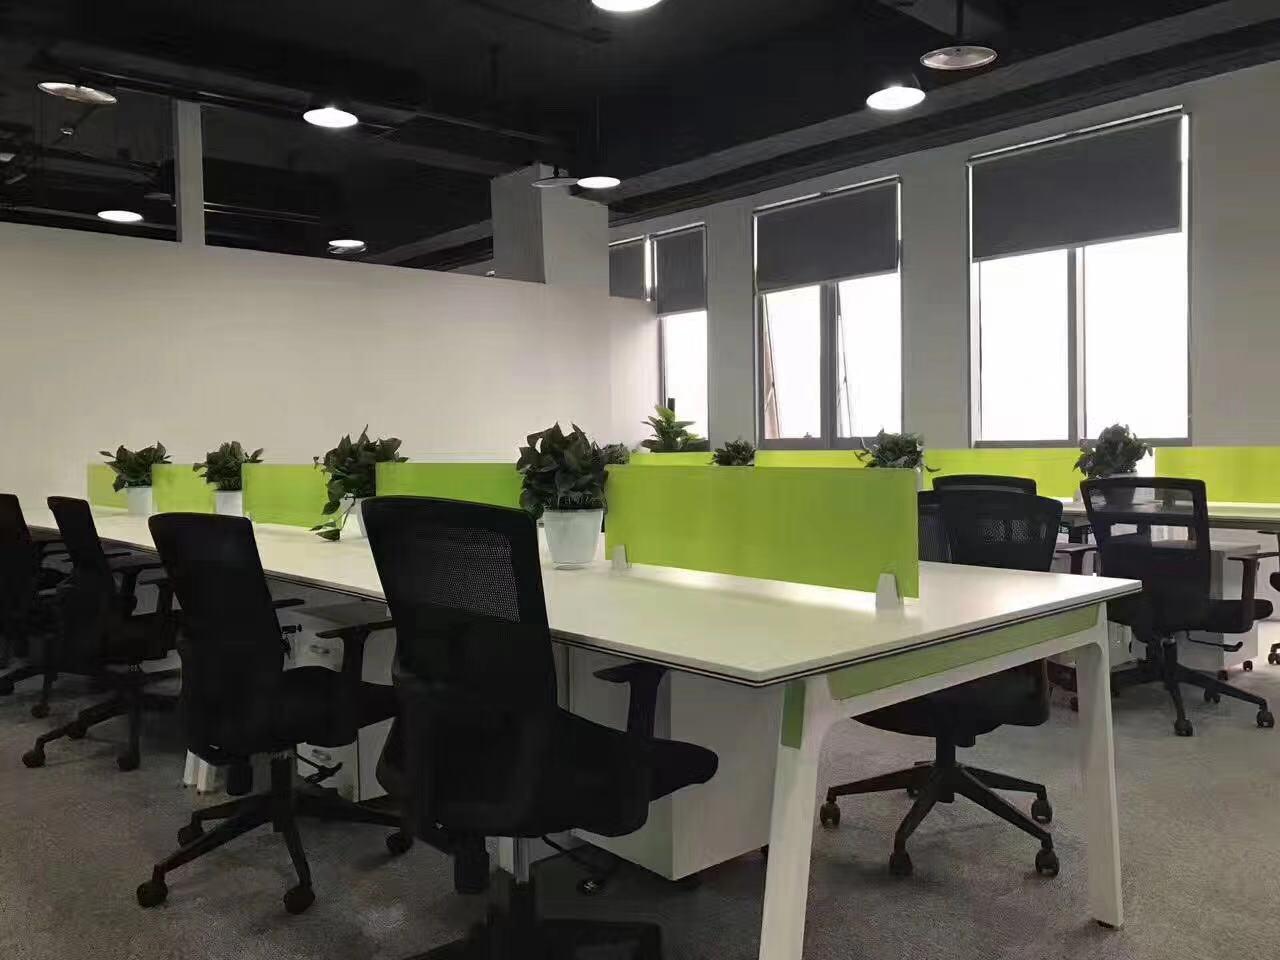 杭州办公桌批发市场 杭州办公桌厂家